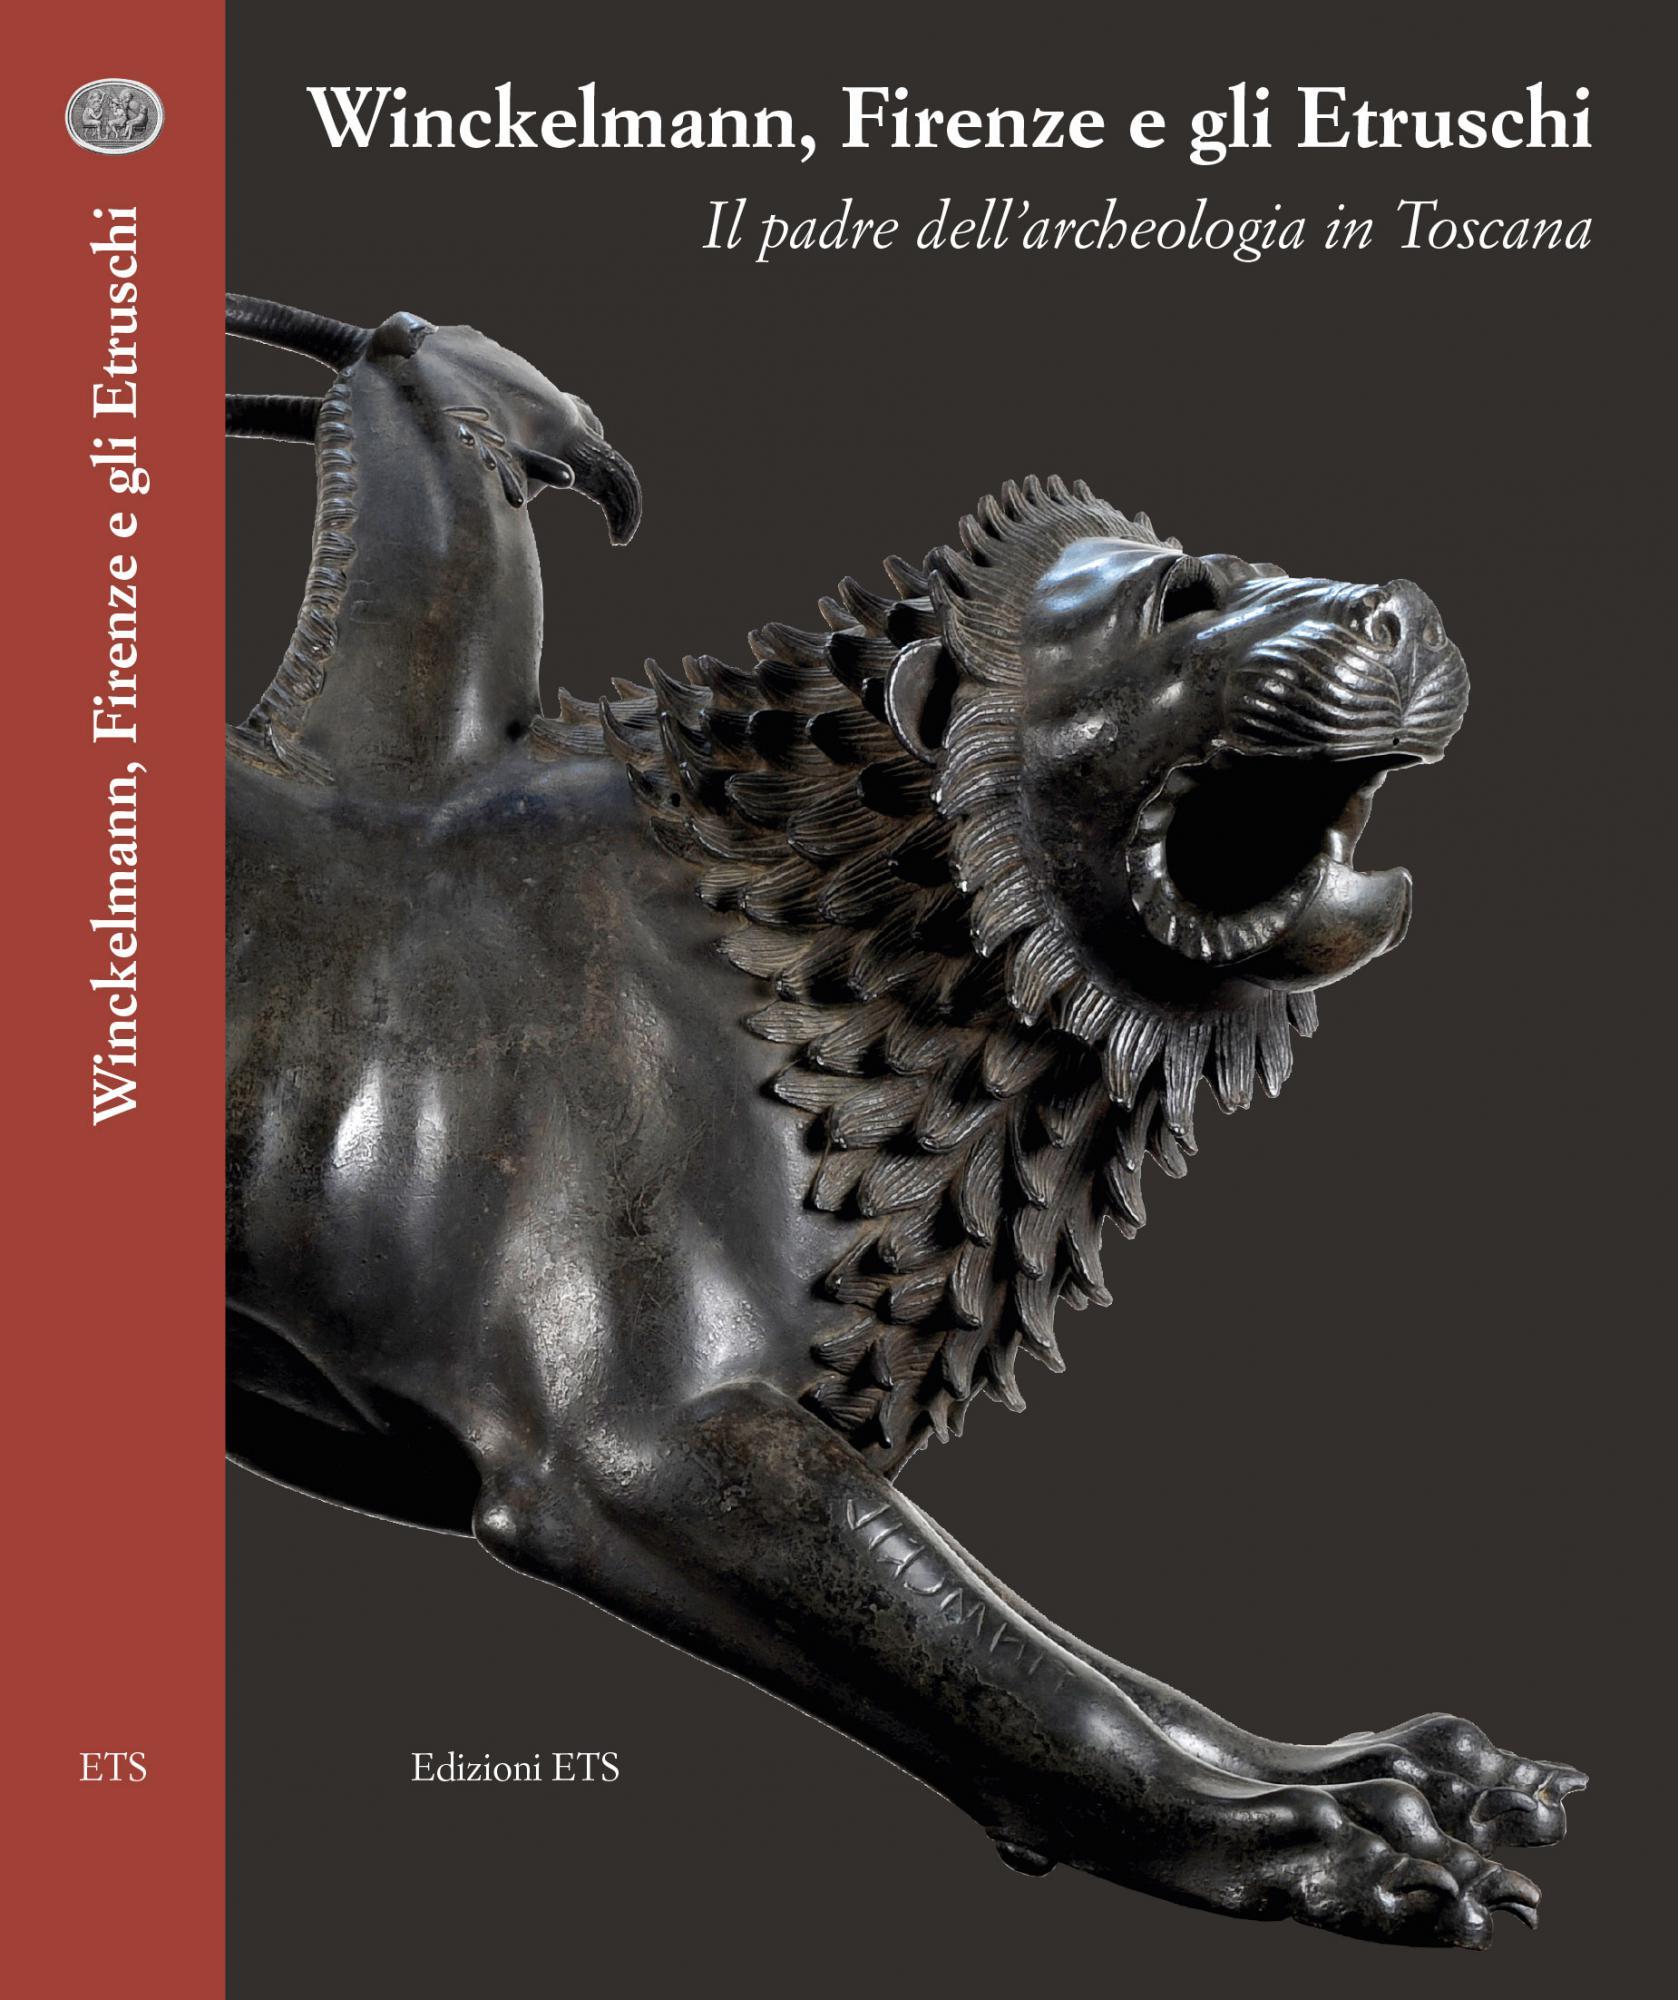 Winckelmann, Firenze e gli Etruschi.Il padre dell'archeologia in Toscana